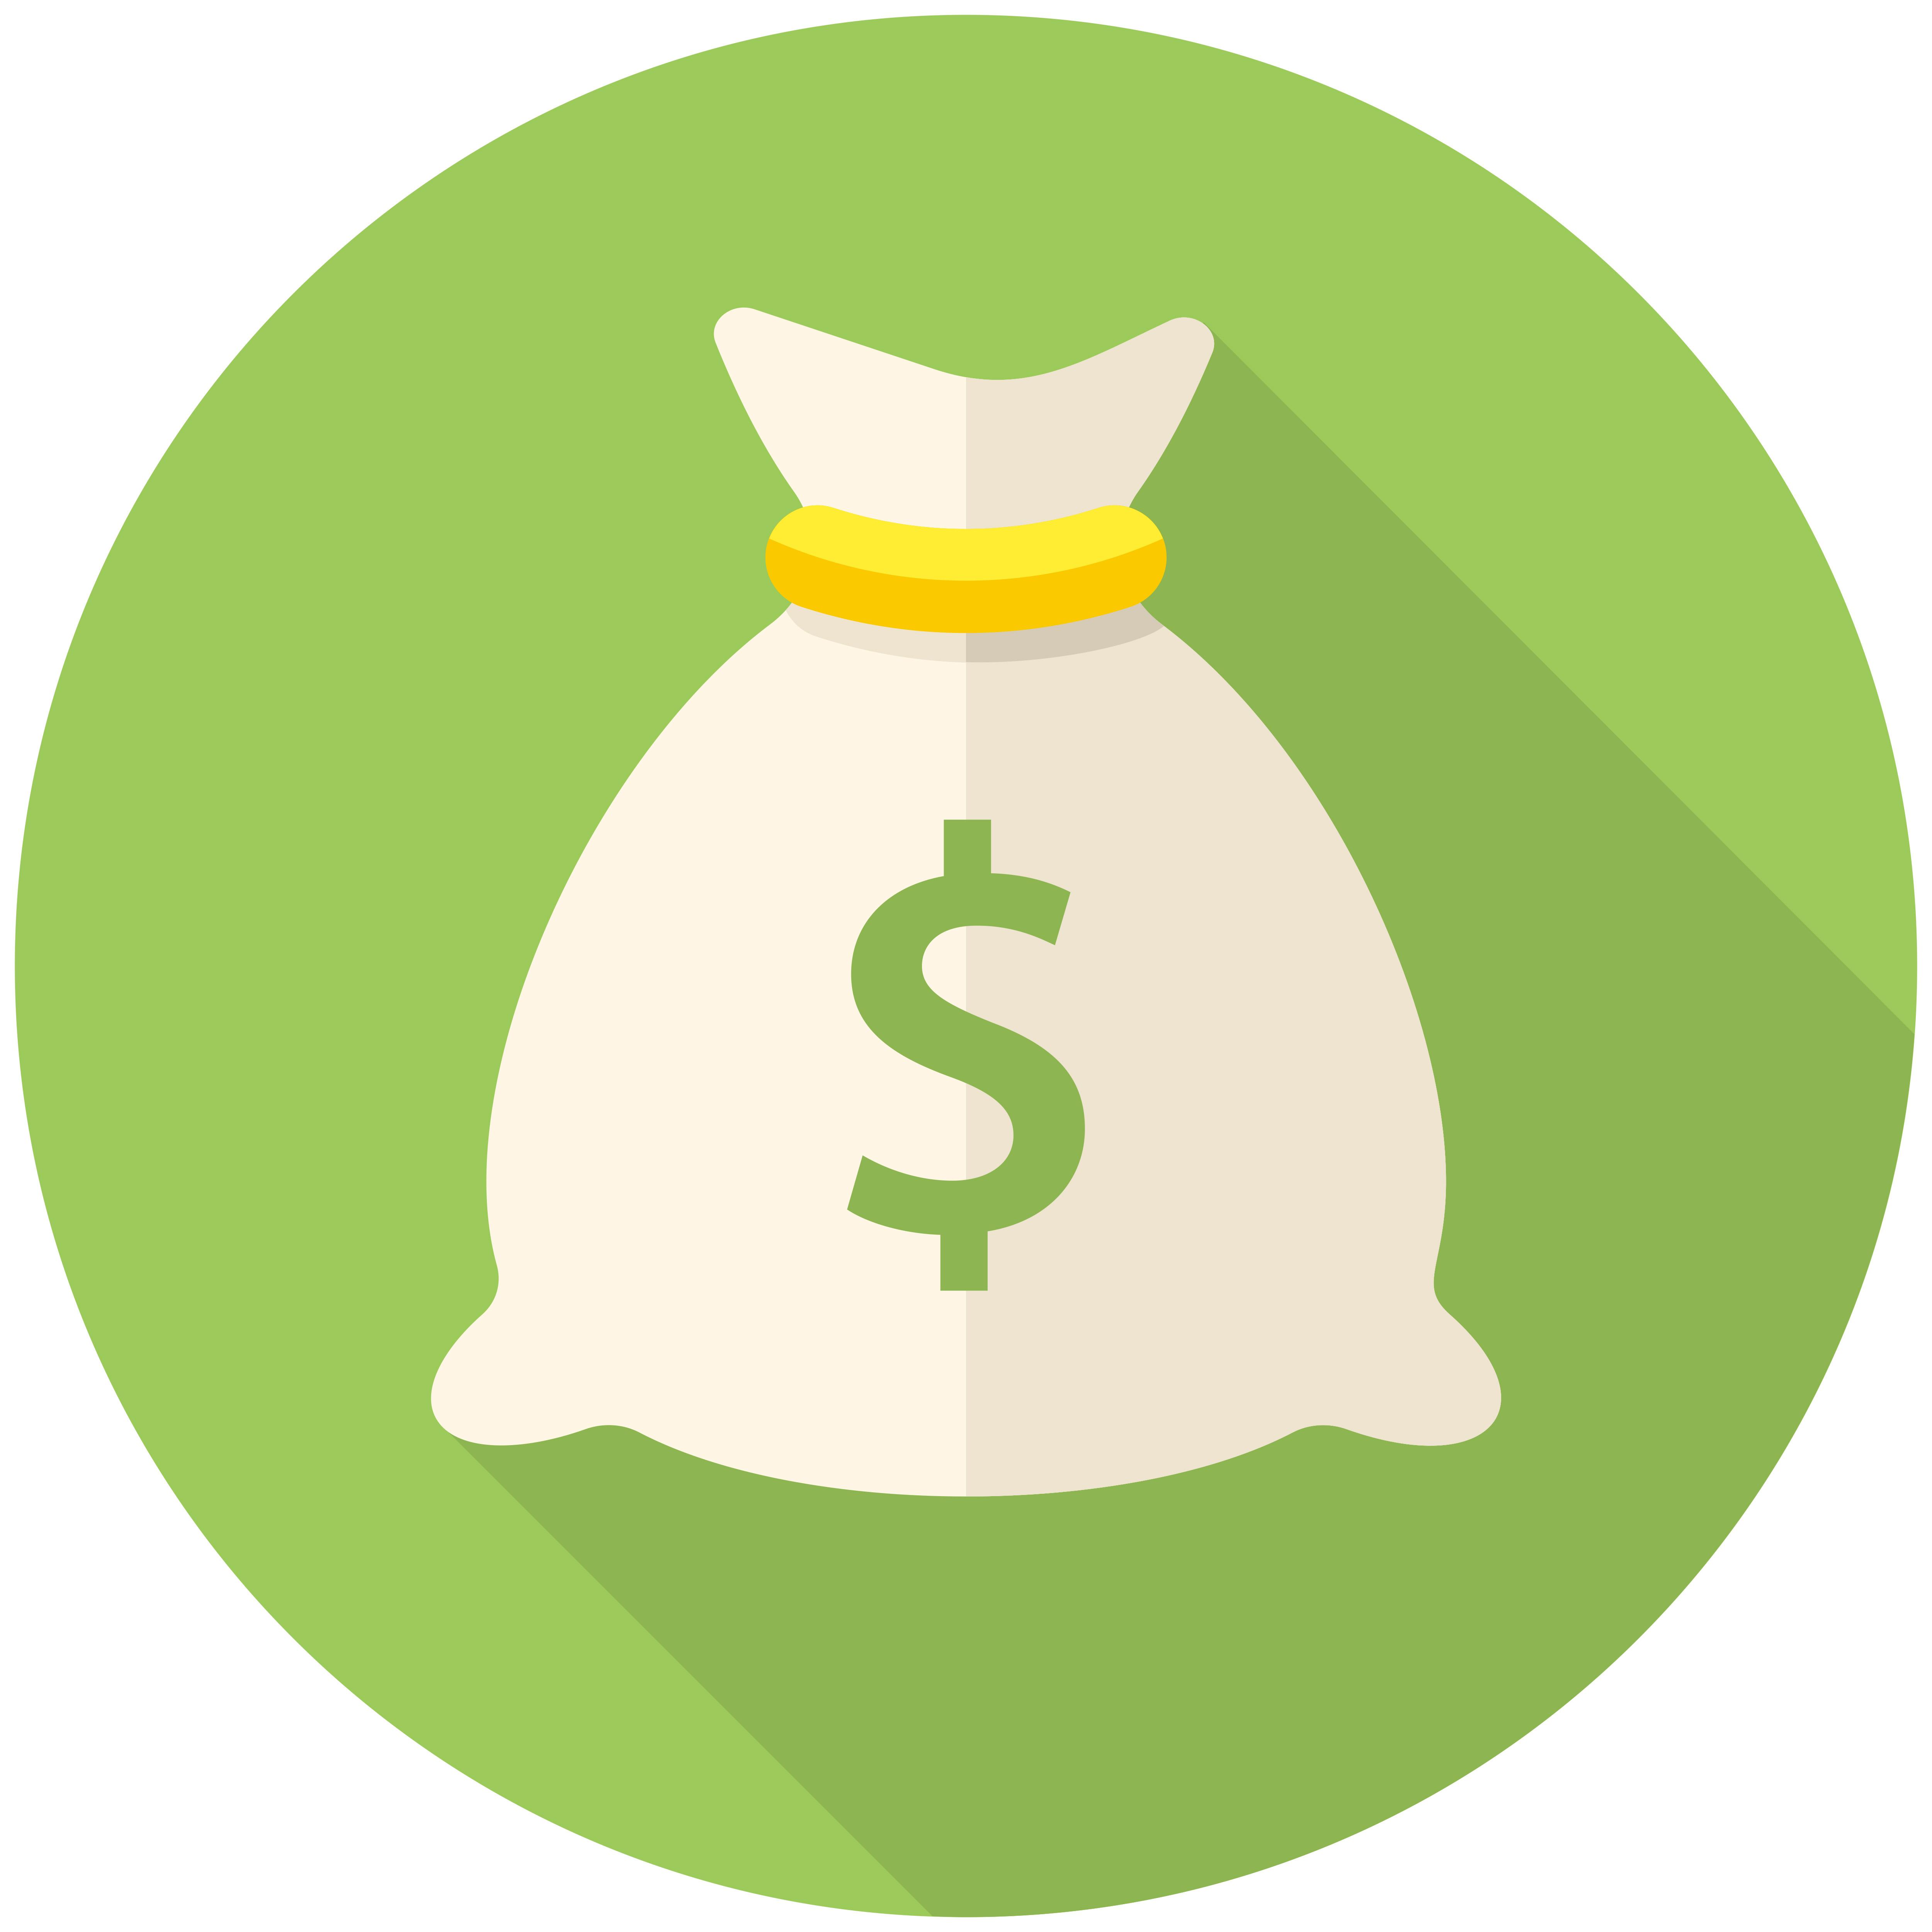 Money_bag_icon